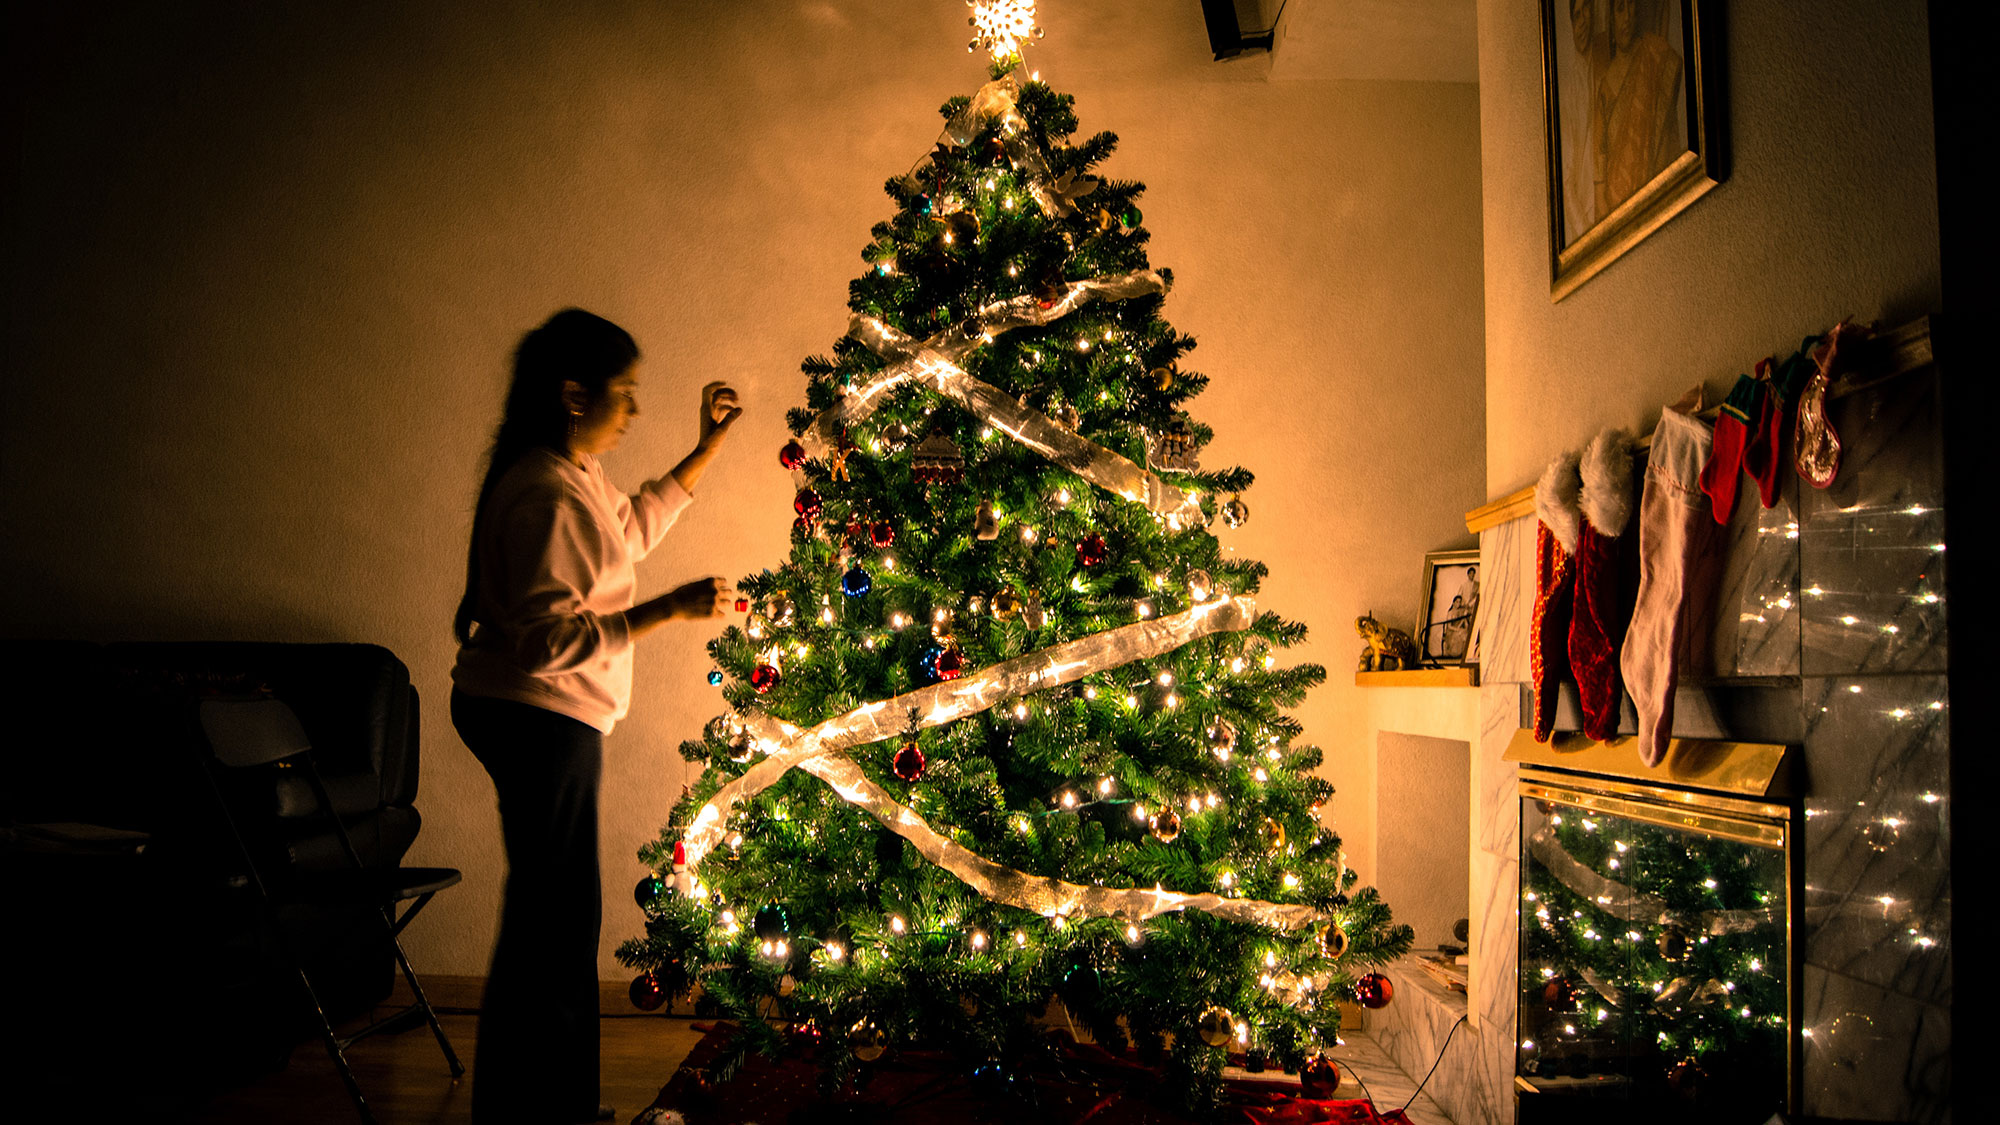 Weihnachten im Eigenheim